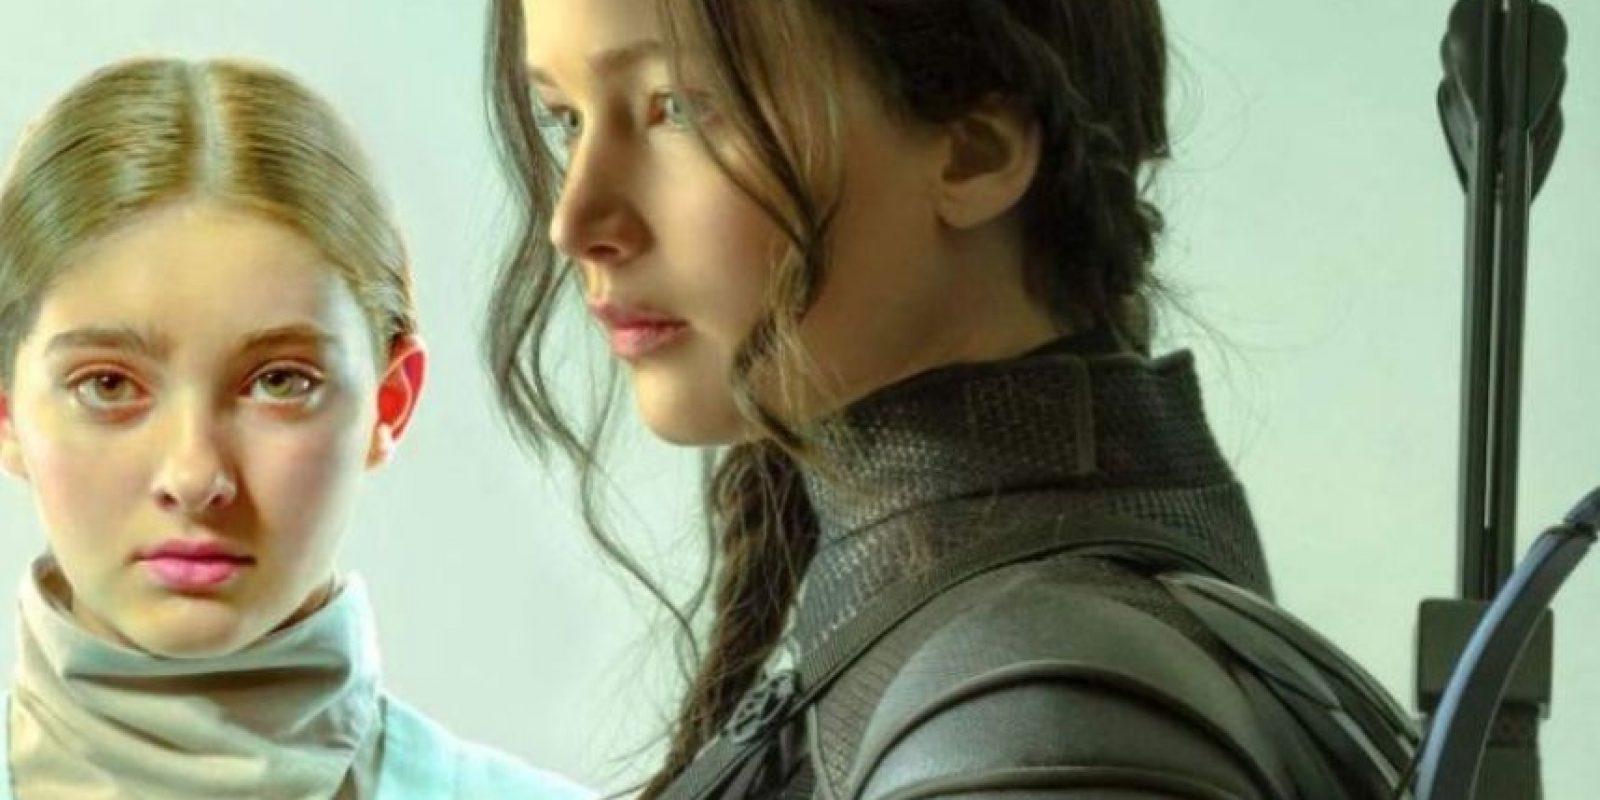 """Y se sitúa momentos después de que el """"Distrito 13"""" consiguiera rescatar a """"Peeta Mellark"""" de las garras del capitolio. Foto:Revista TIME / Tim Palen"""